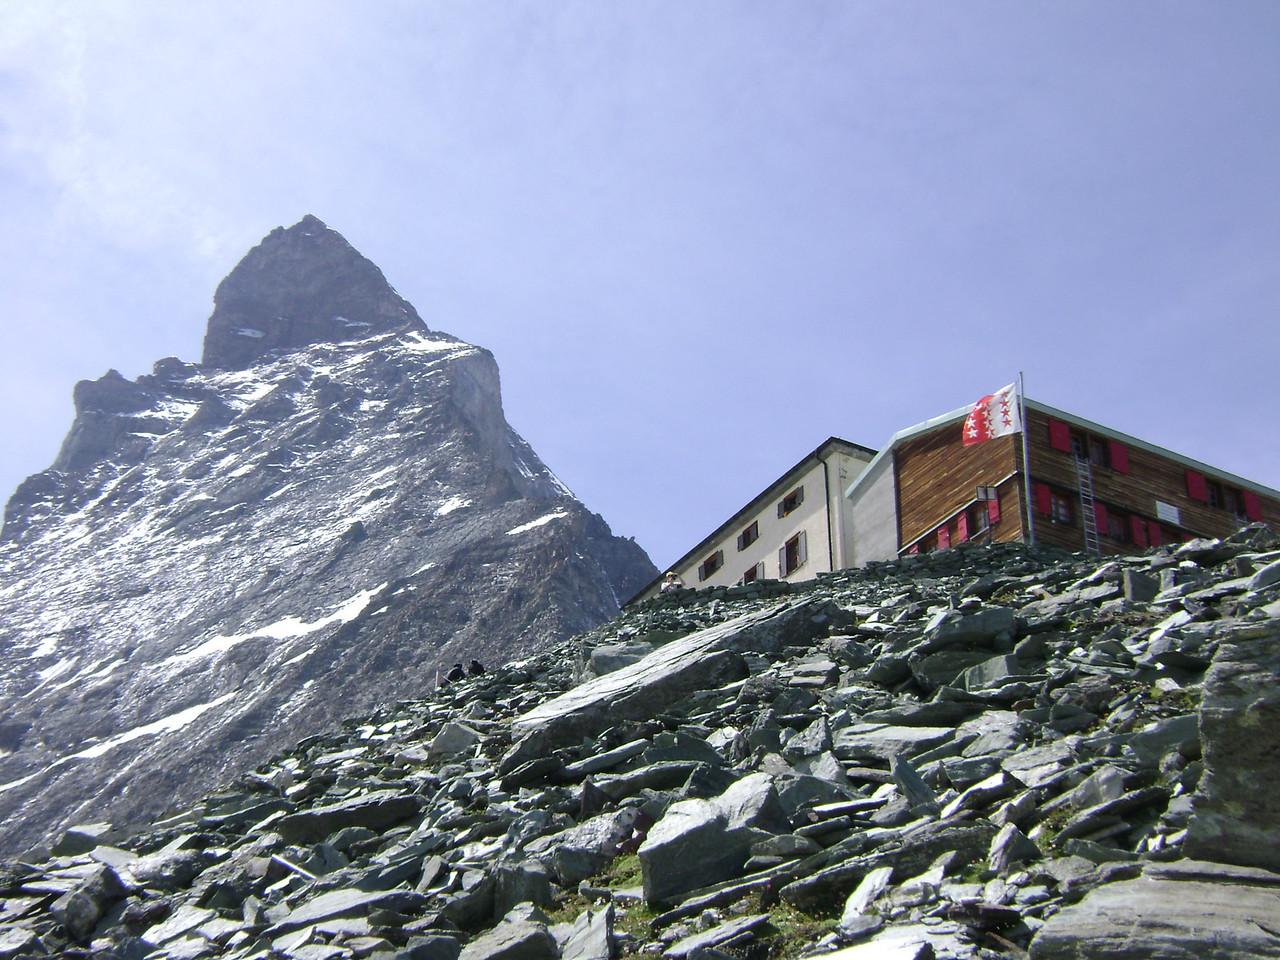 Z Climb partway up the Matterhorn to Hornli hut while in Zermatt